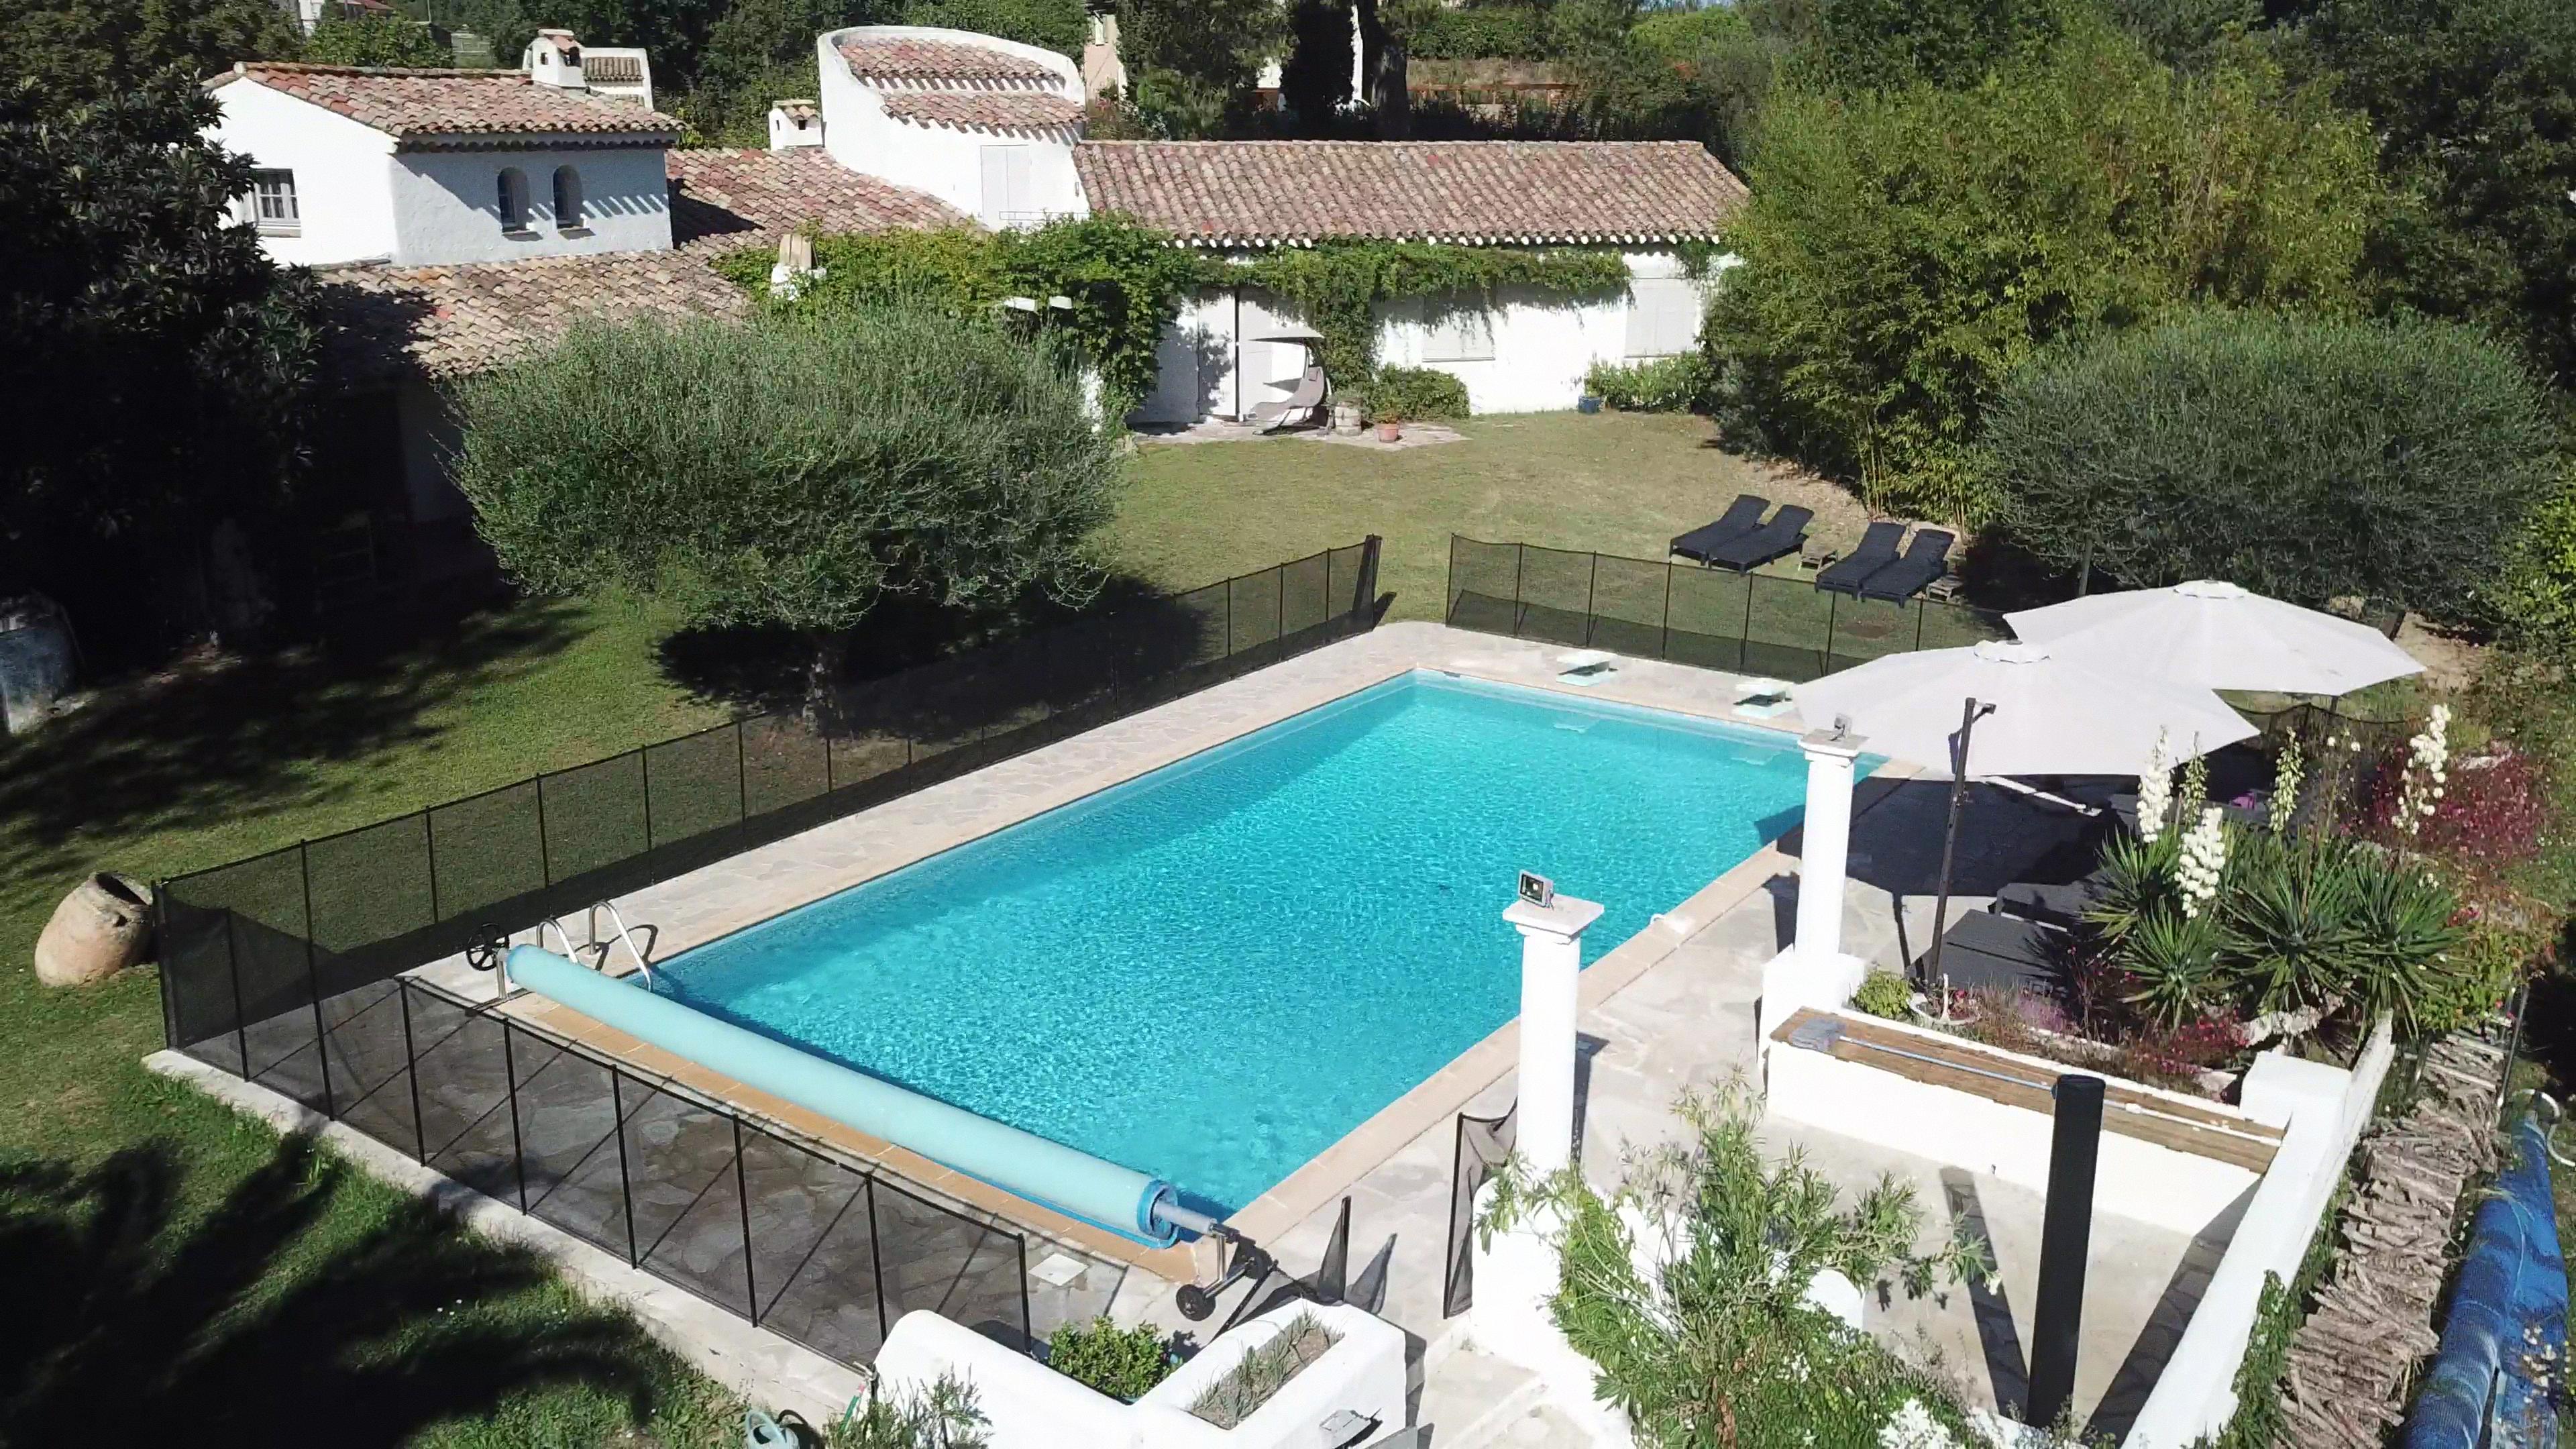 vue aerienne piscine